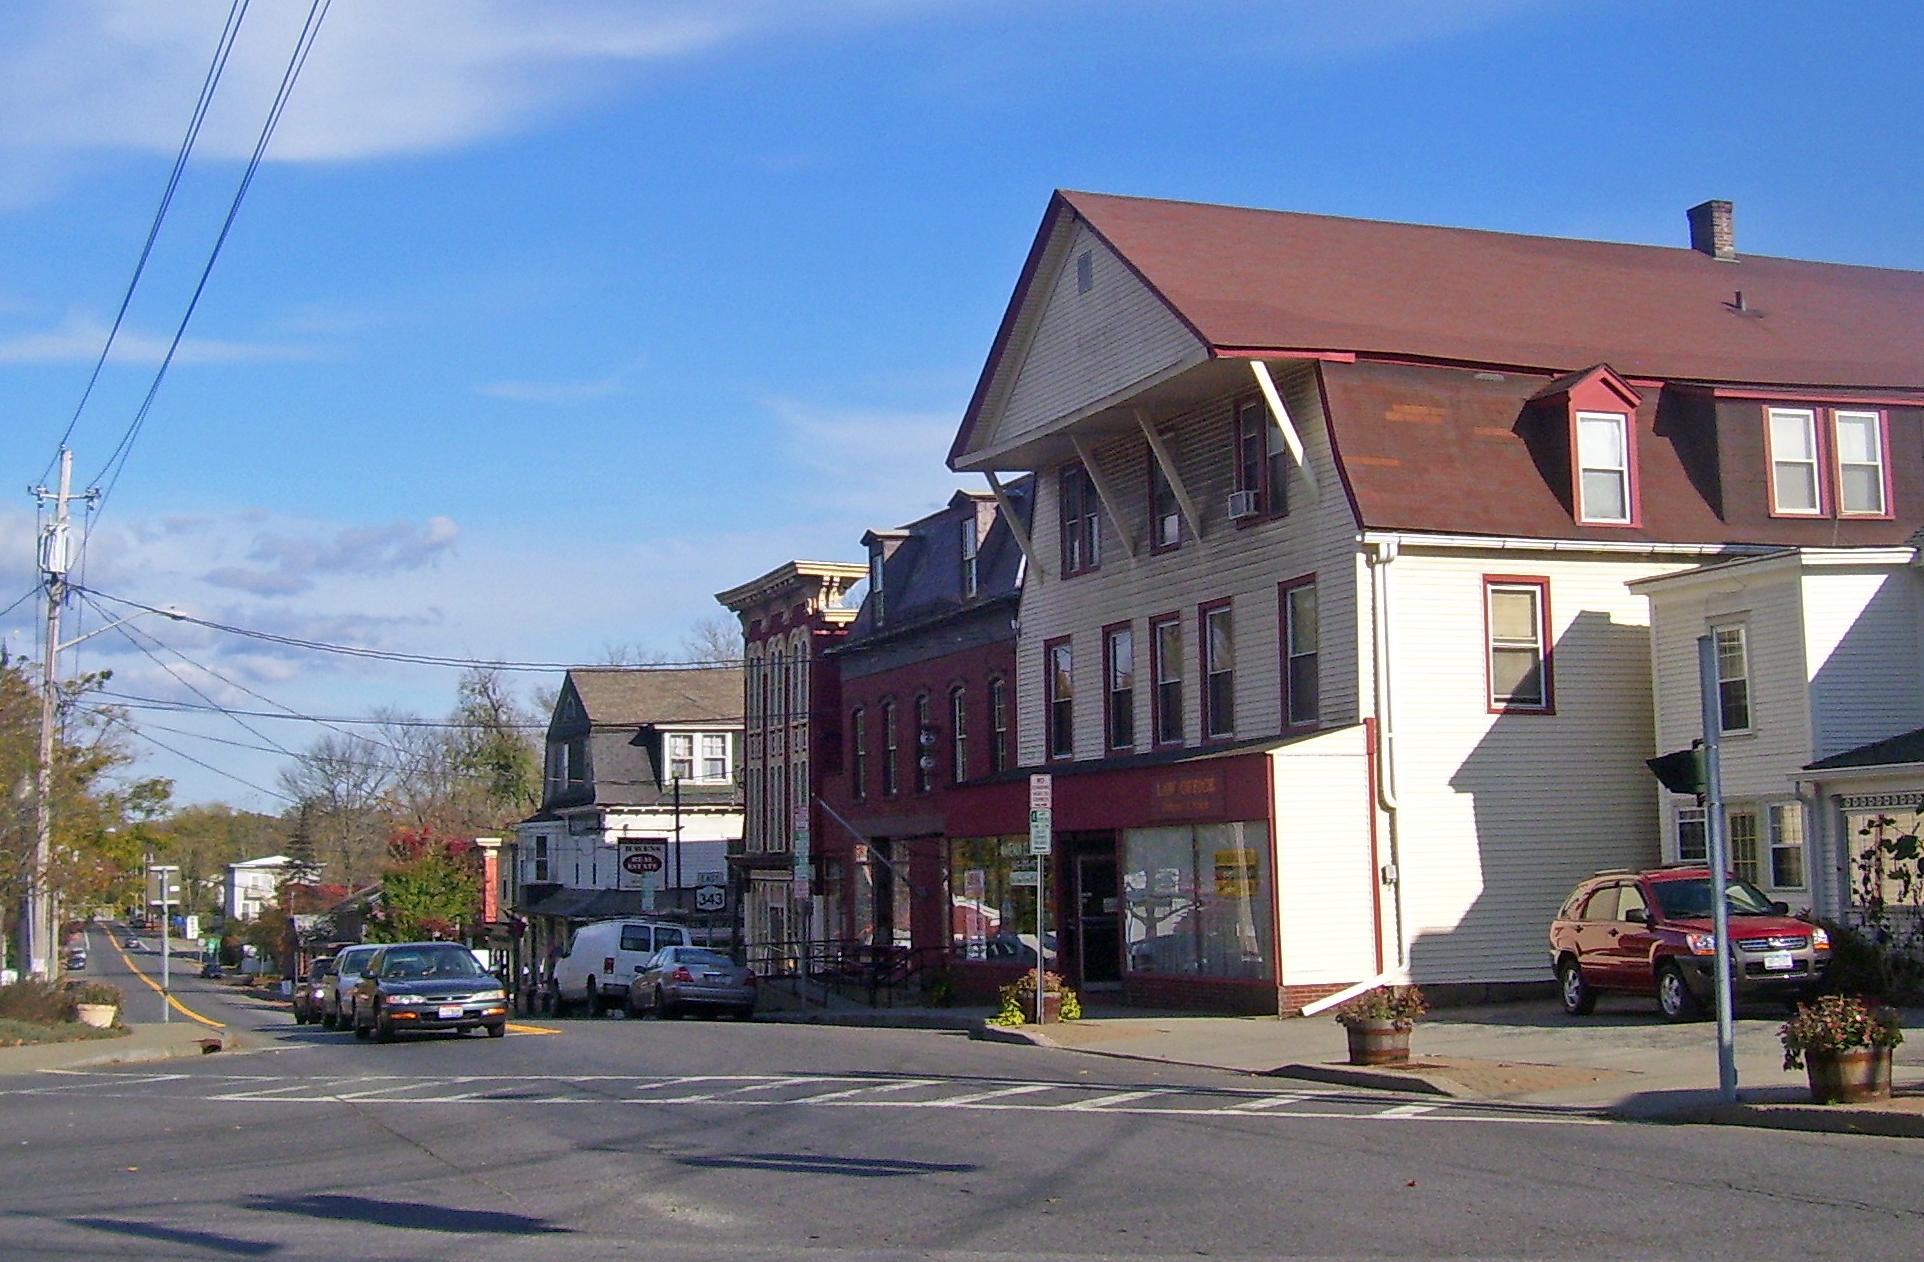 Downtown_Amenia,_NY